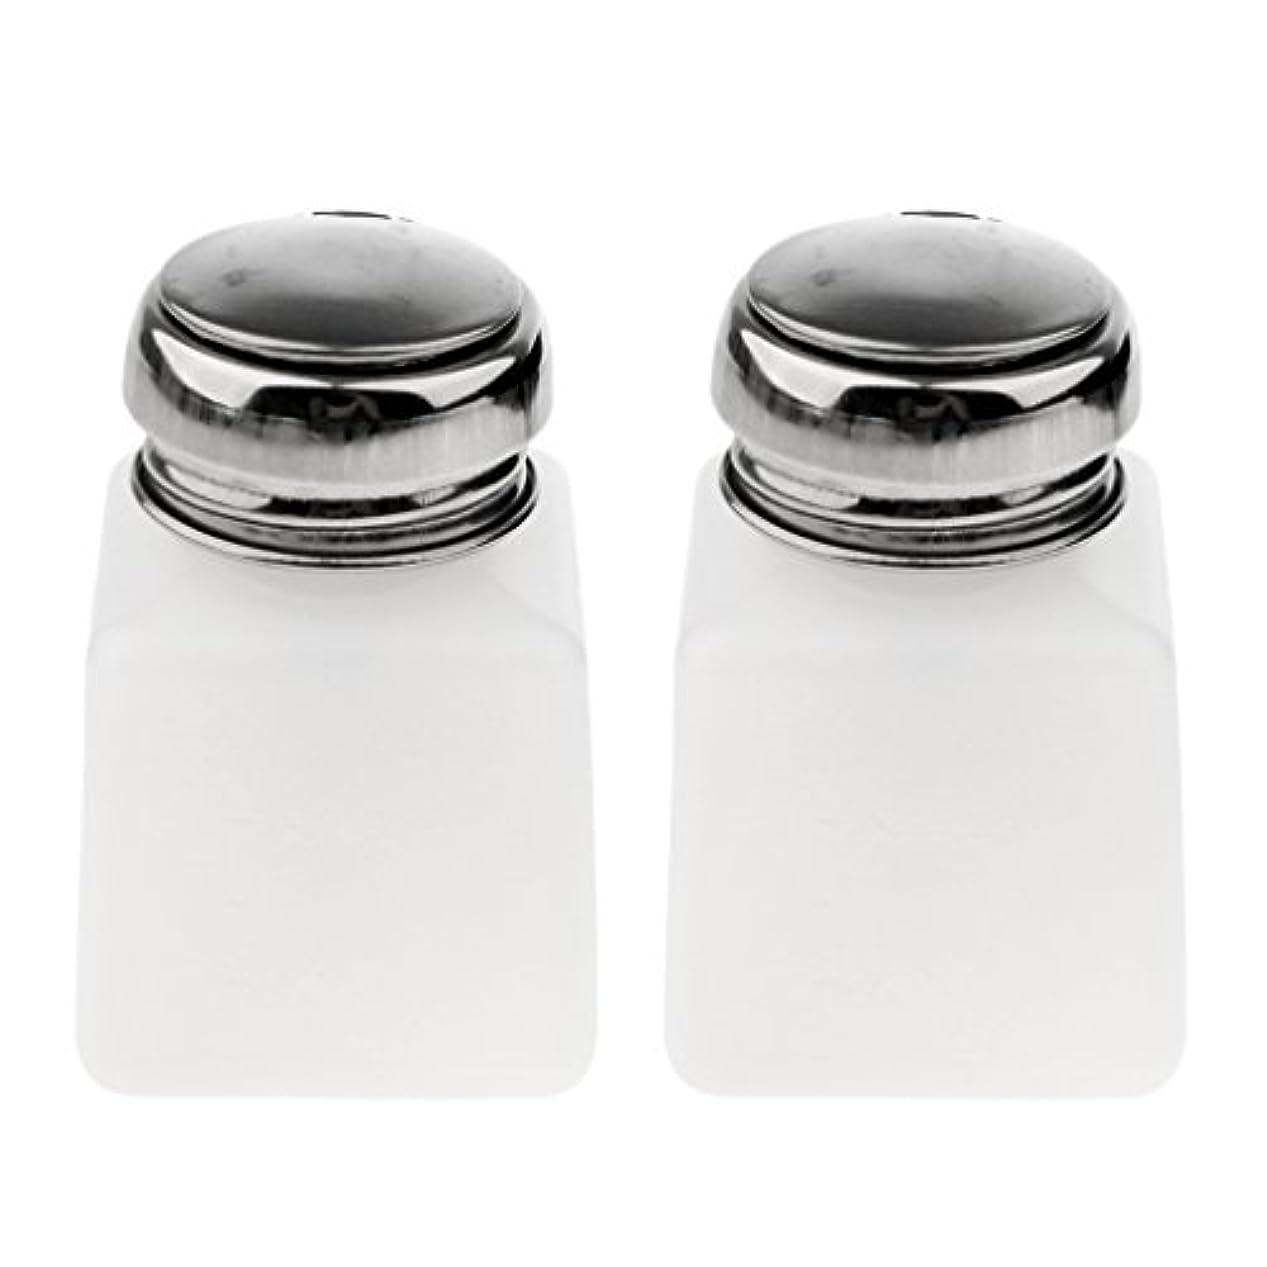 飢略奪カブエッセンシャルオイル、ローション、リキッドソープに最適なホワイトスクエアボトルステンレススチールパンプス(2パック) - 100ミリリットル